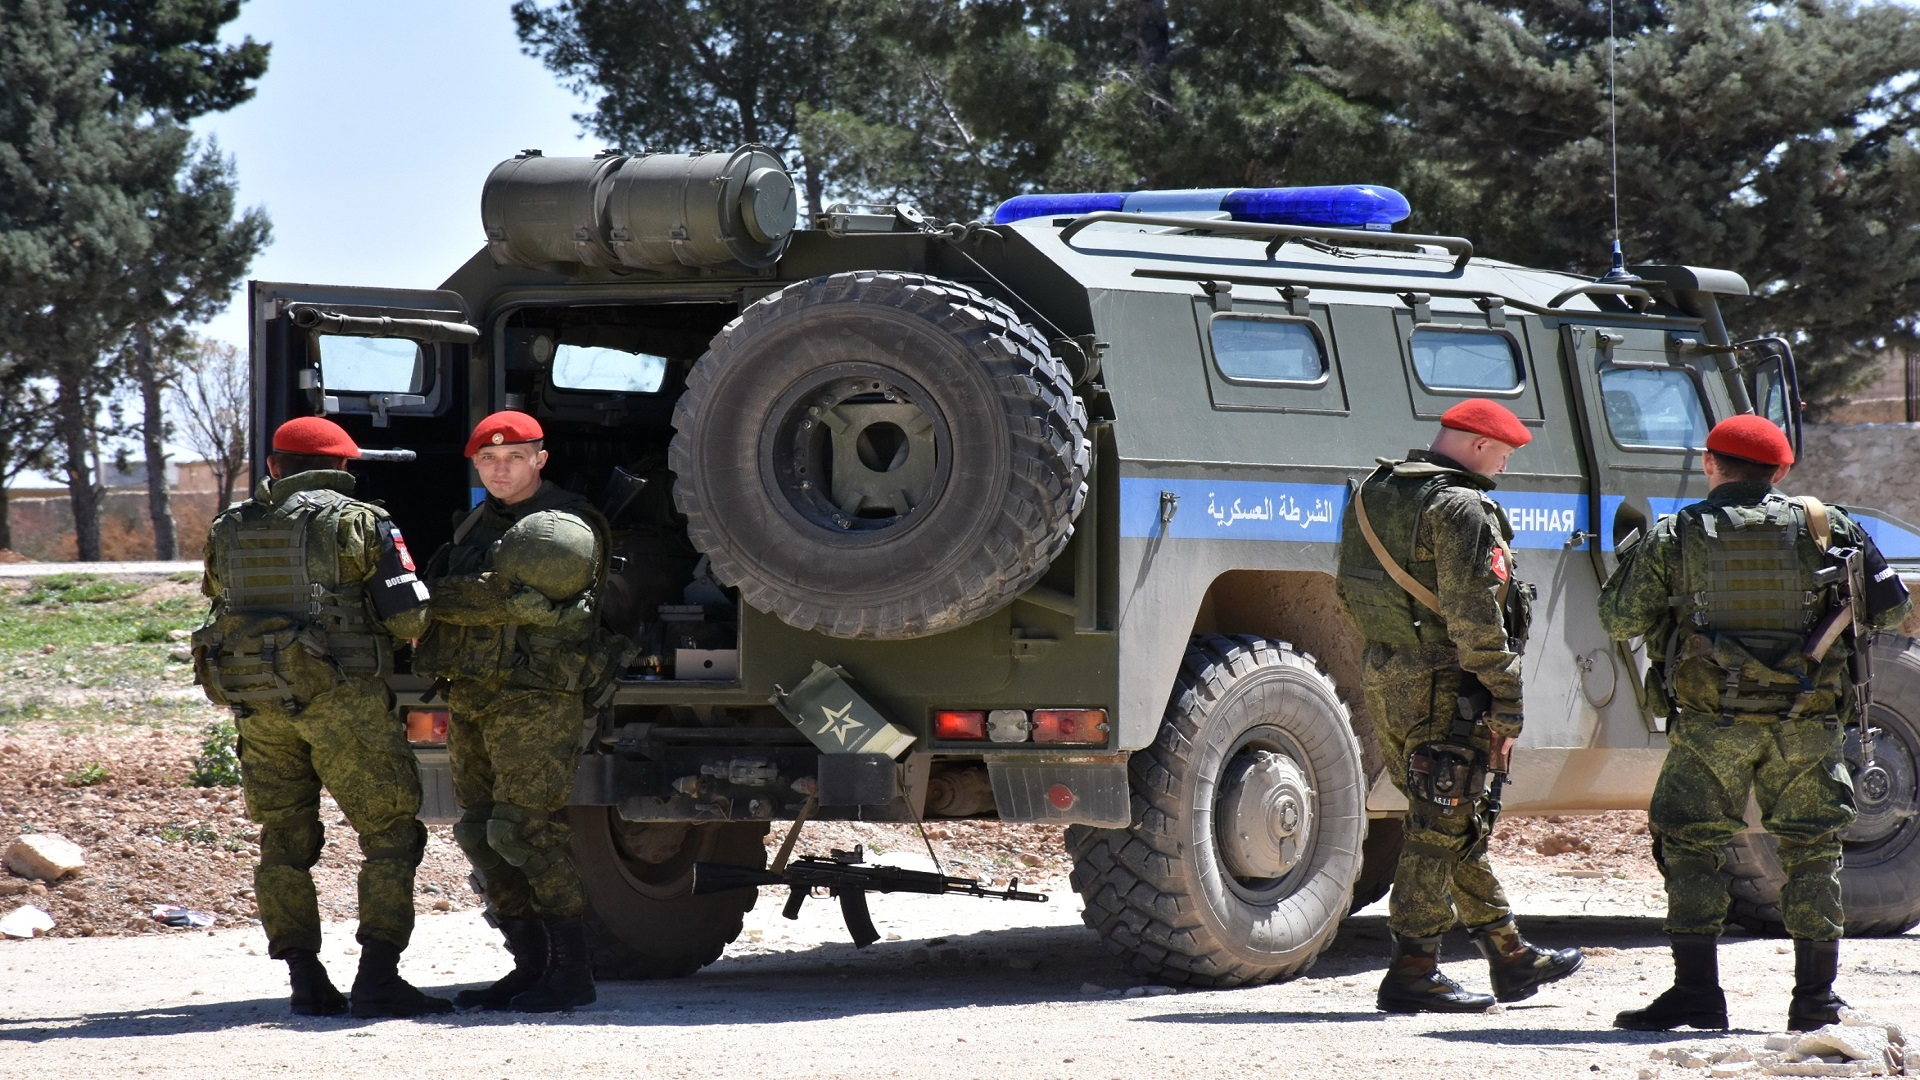 الشرطة العسكرية الروسية تخيّر أهالي درعا بين الضربات الجوية أو تهجير ستة أشخاص مع عائلاتهم